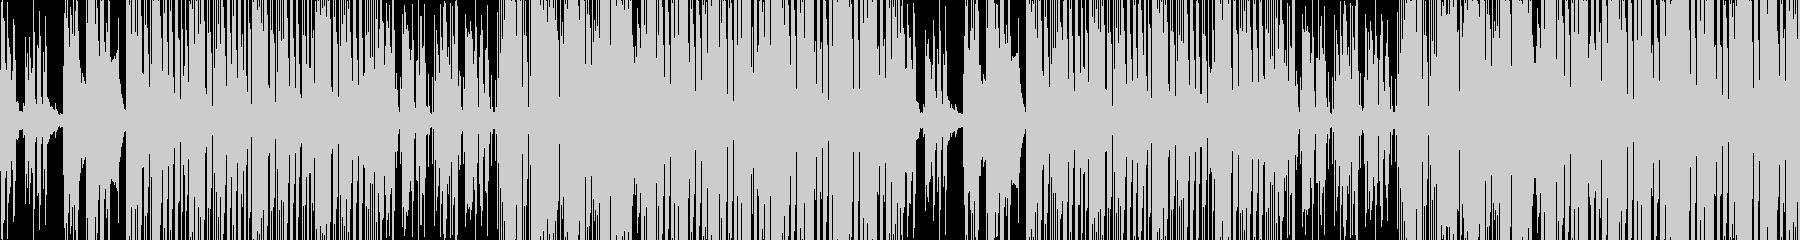 優しくメロウFutureBassループ の未再生の波形